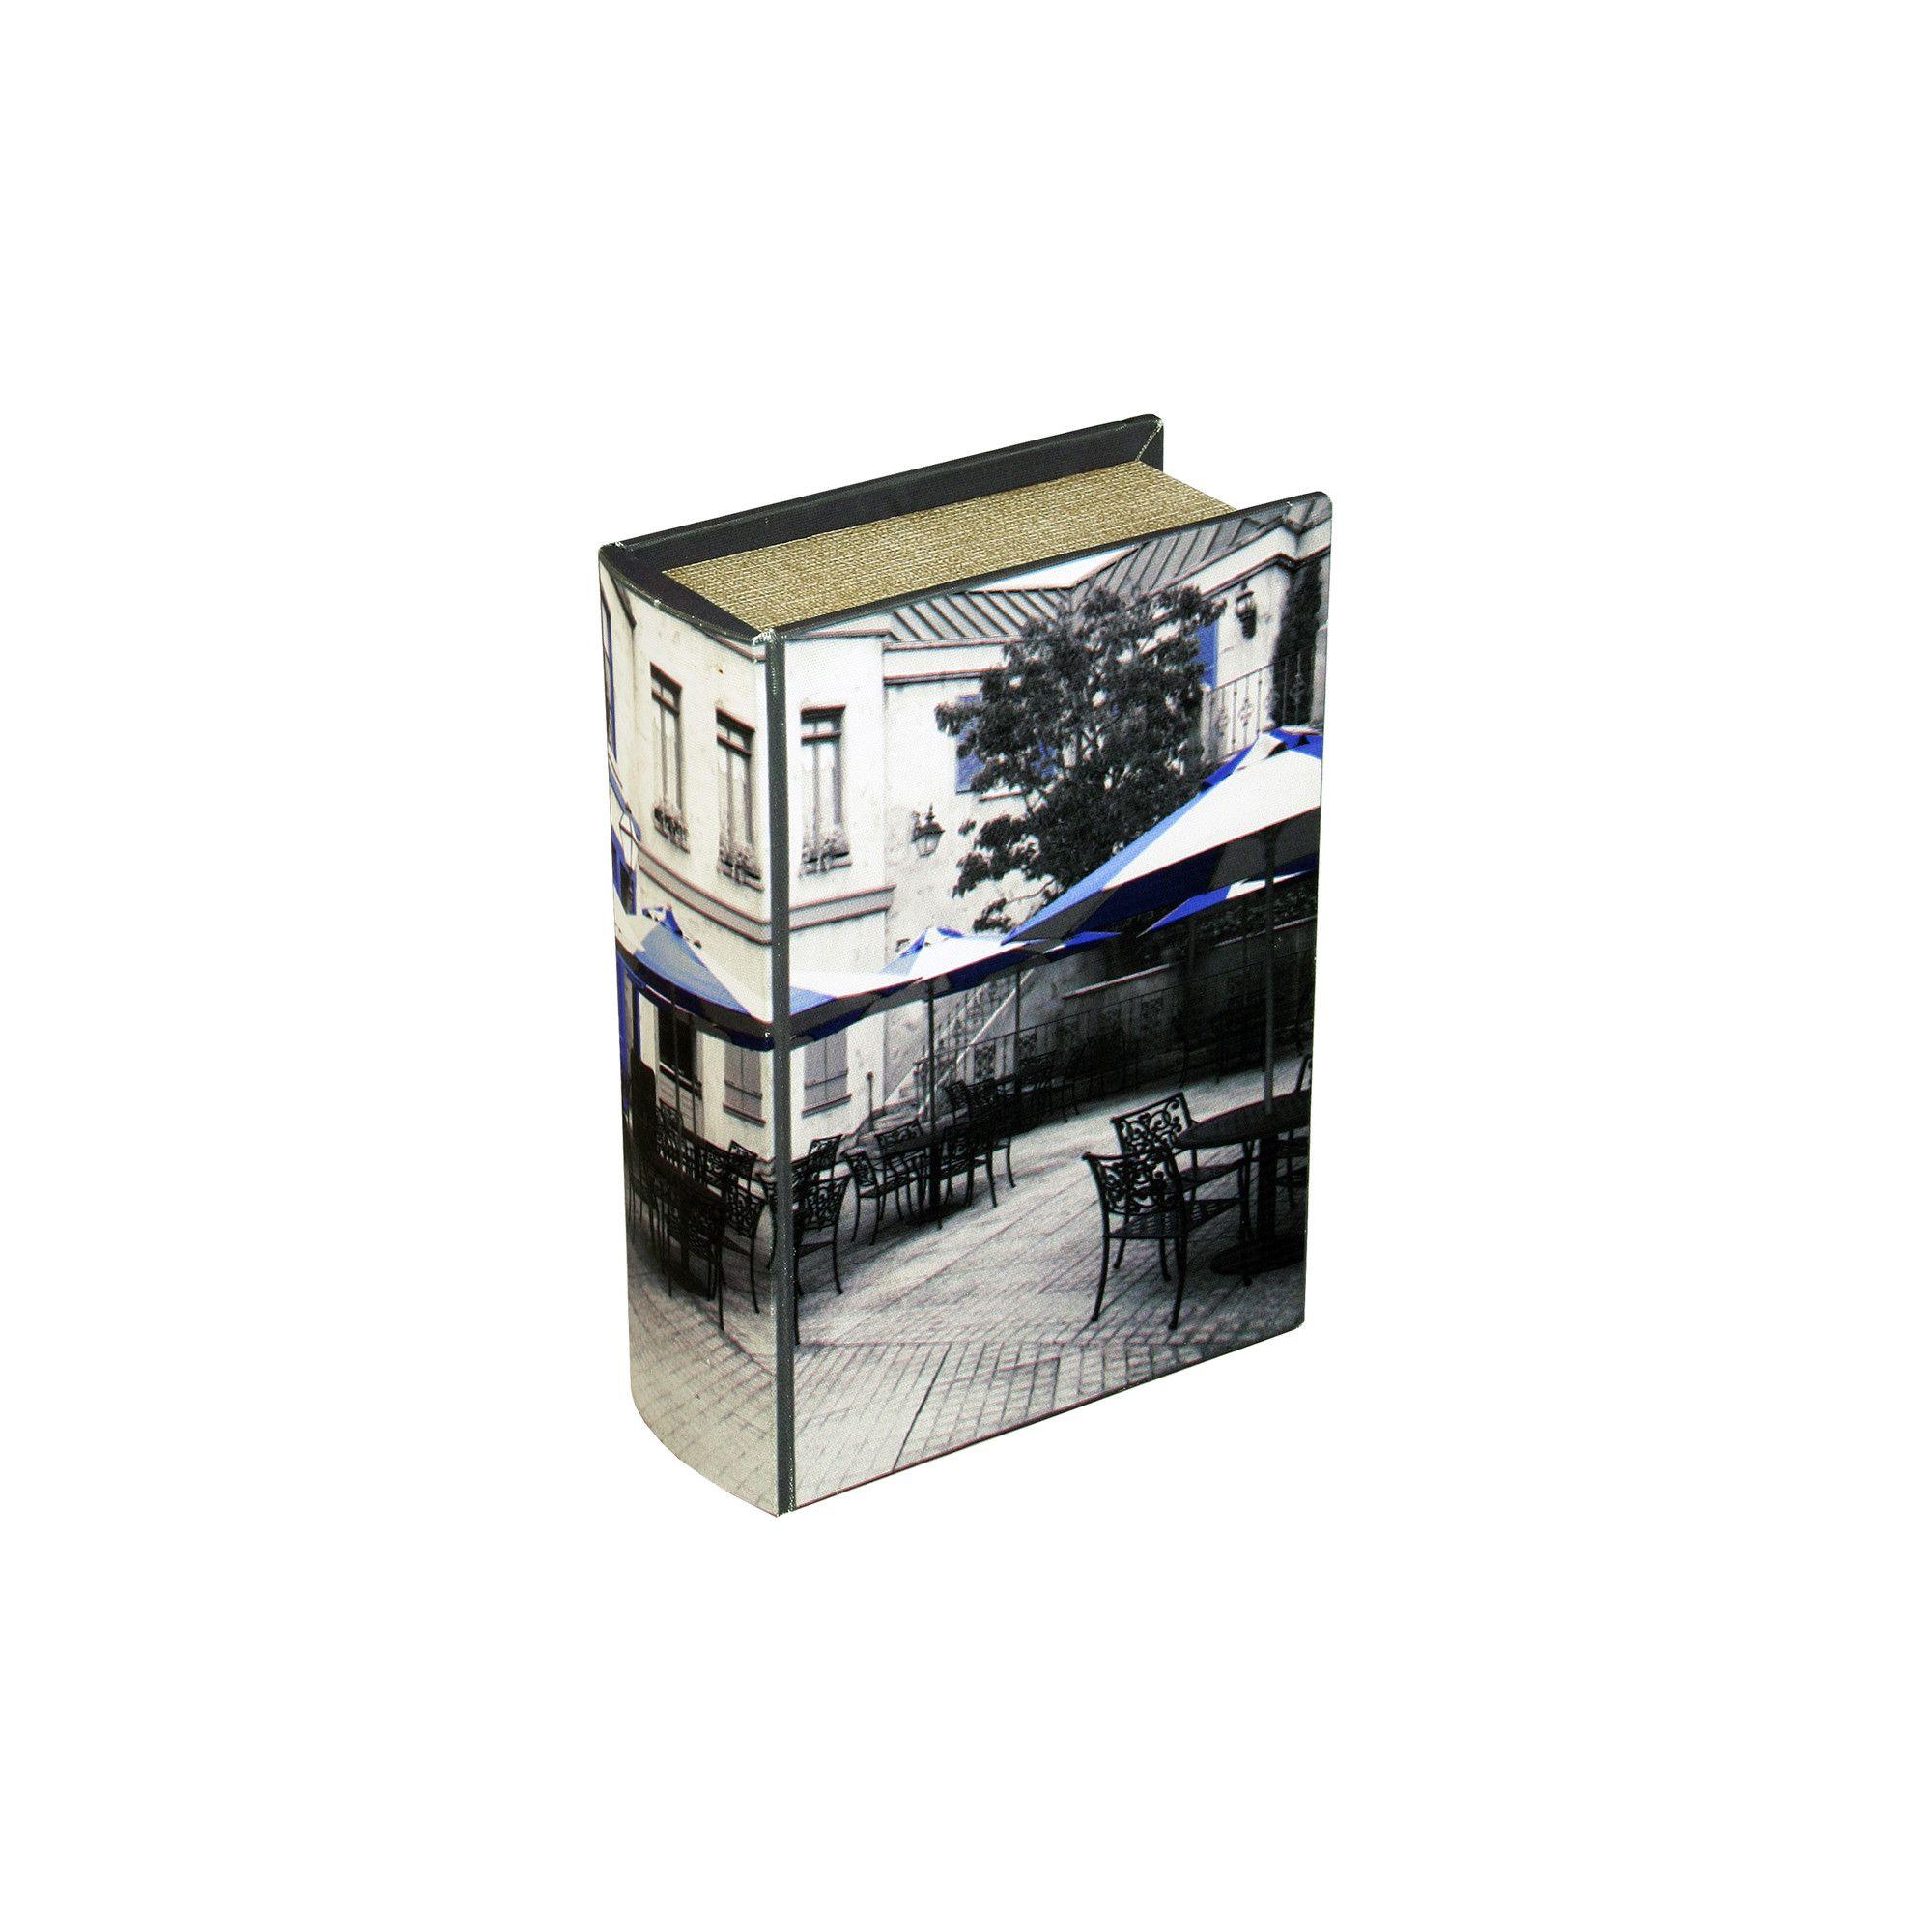 Home Essence Cafe Storage Book